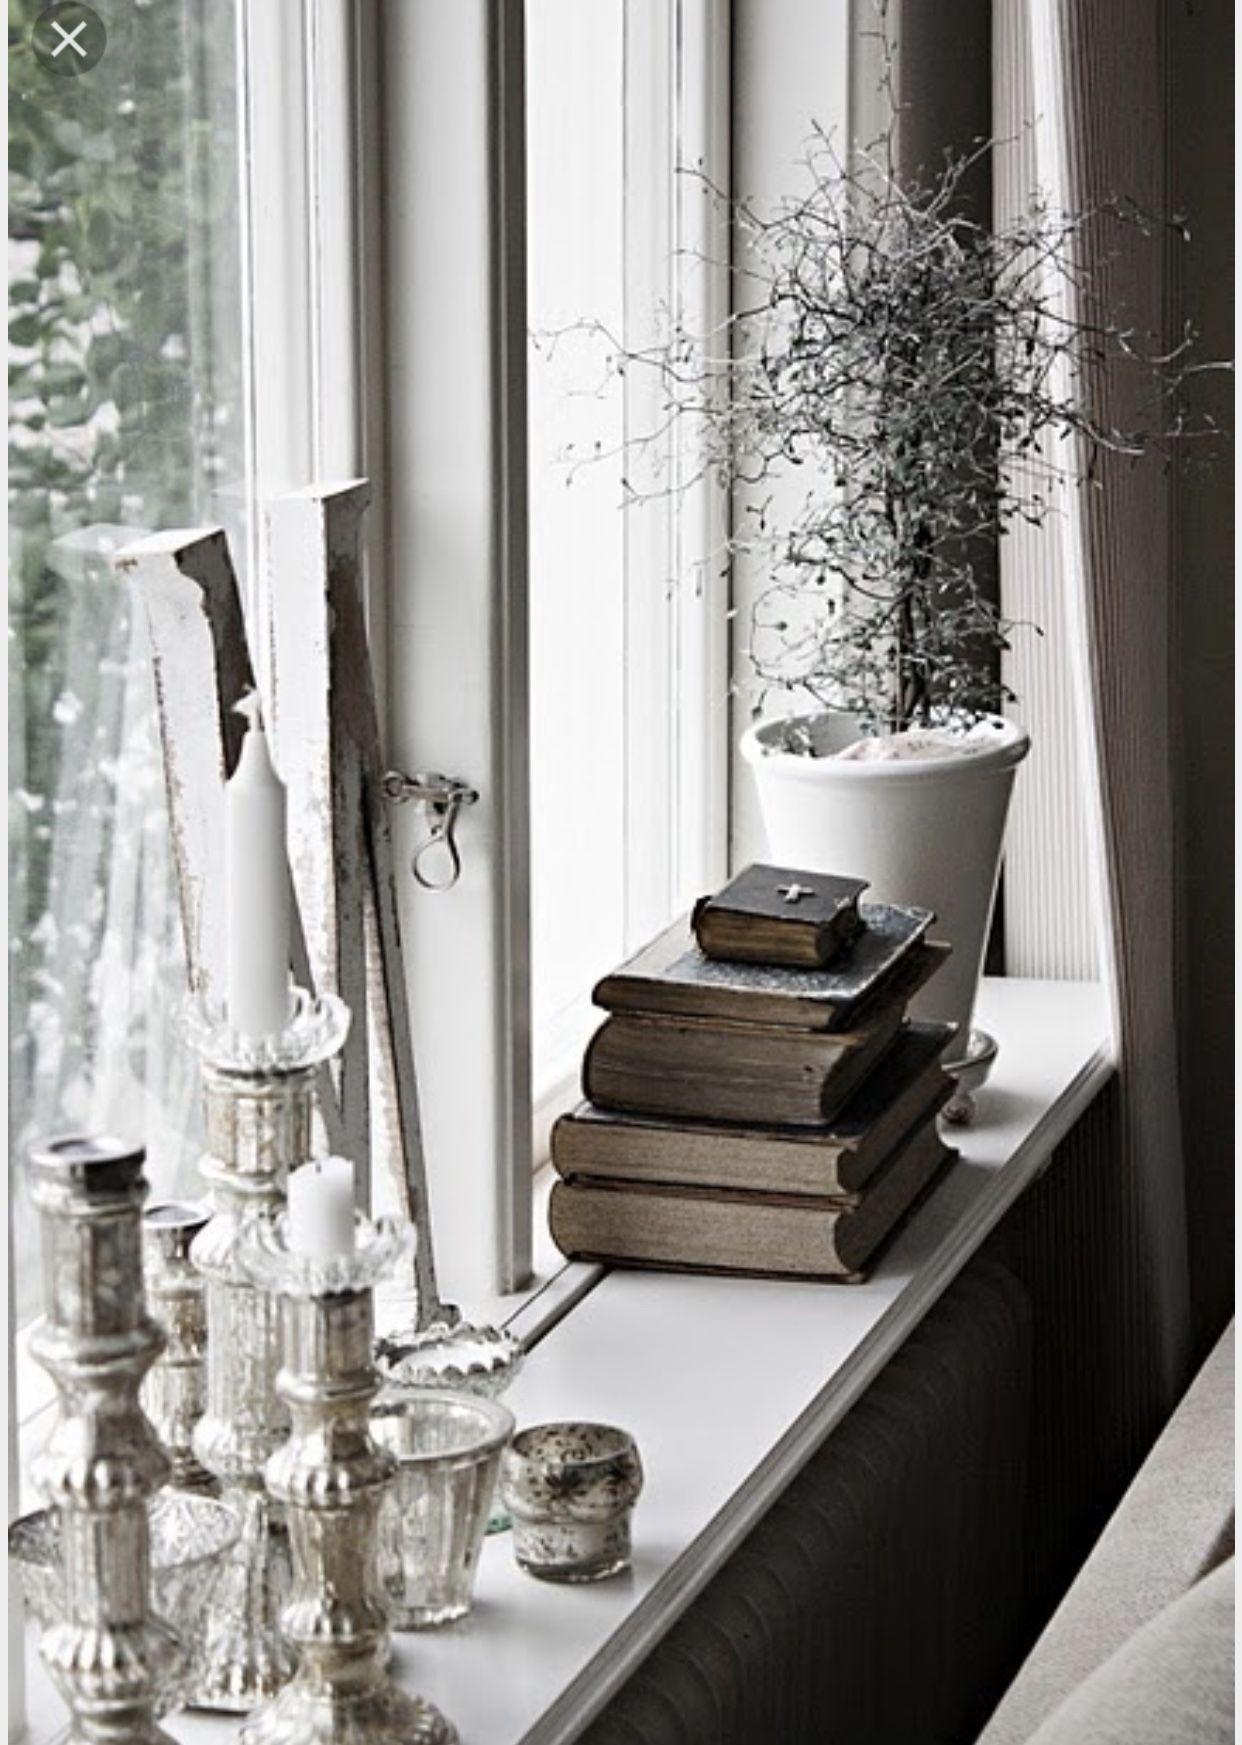 Full Size of Fensterbank Dekorieren Pin Von Riikka Auf Sisustusideoita Fenster Dekor Wohnzimmer Fensterbank Dekorieren